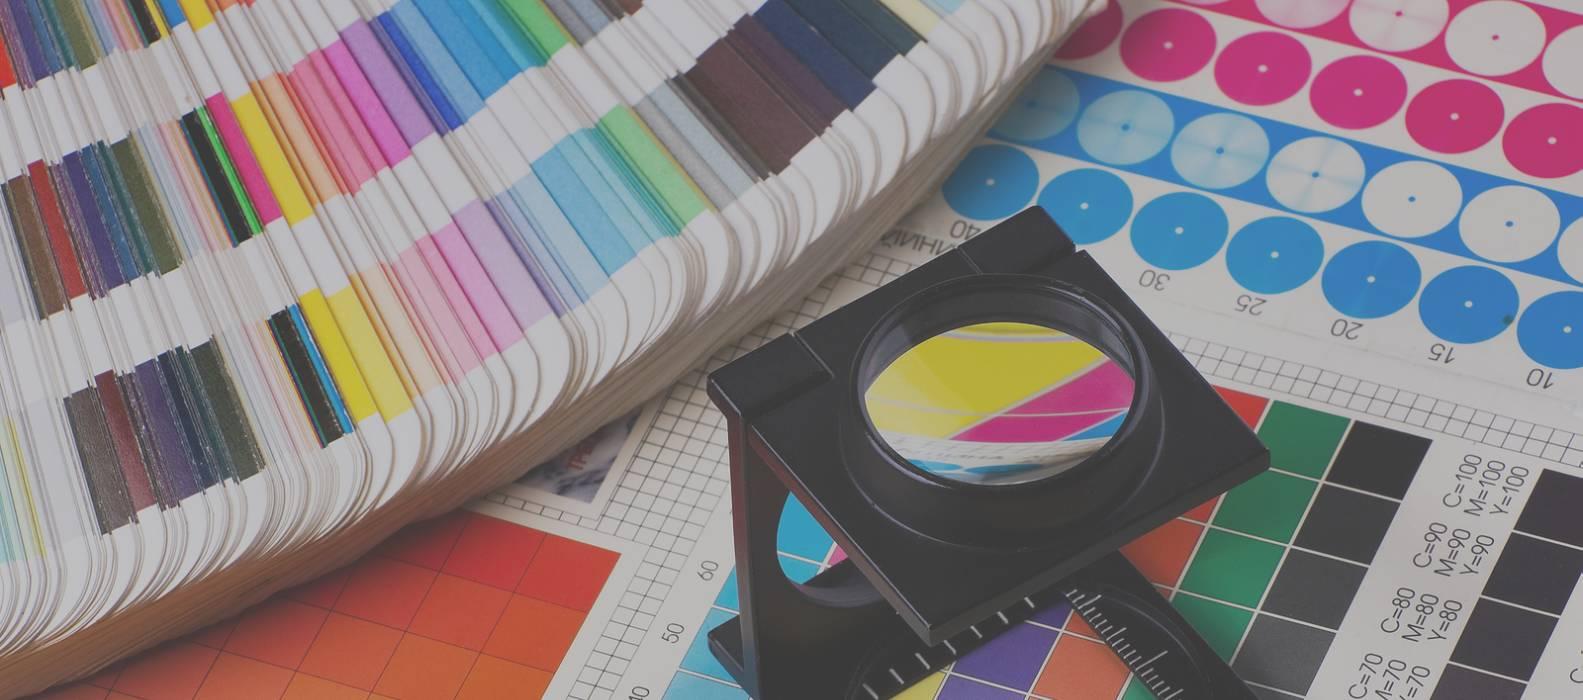 Impresión, diseño y serigrafía